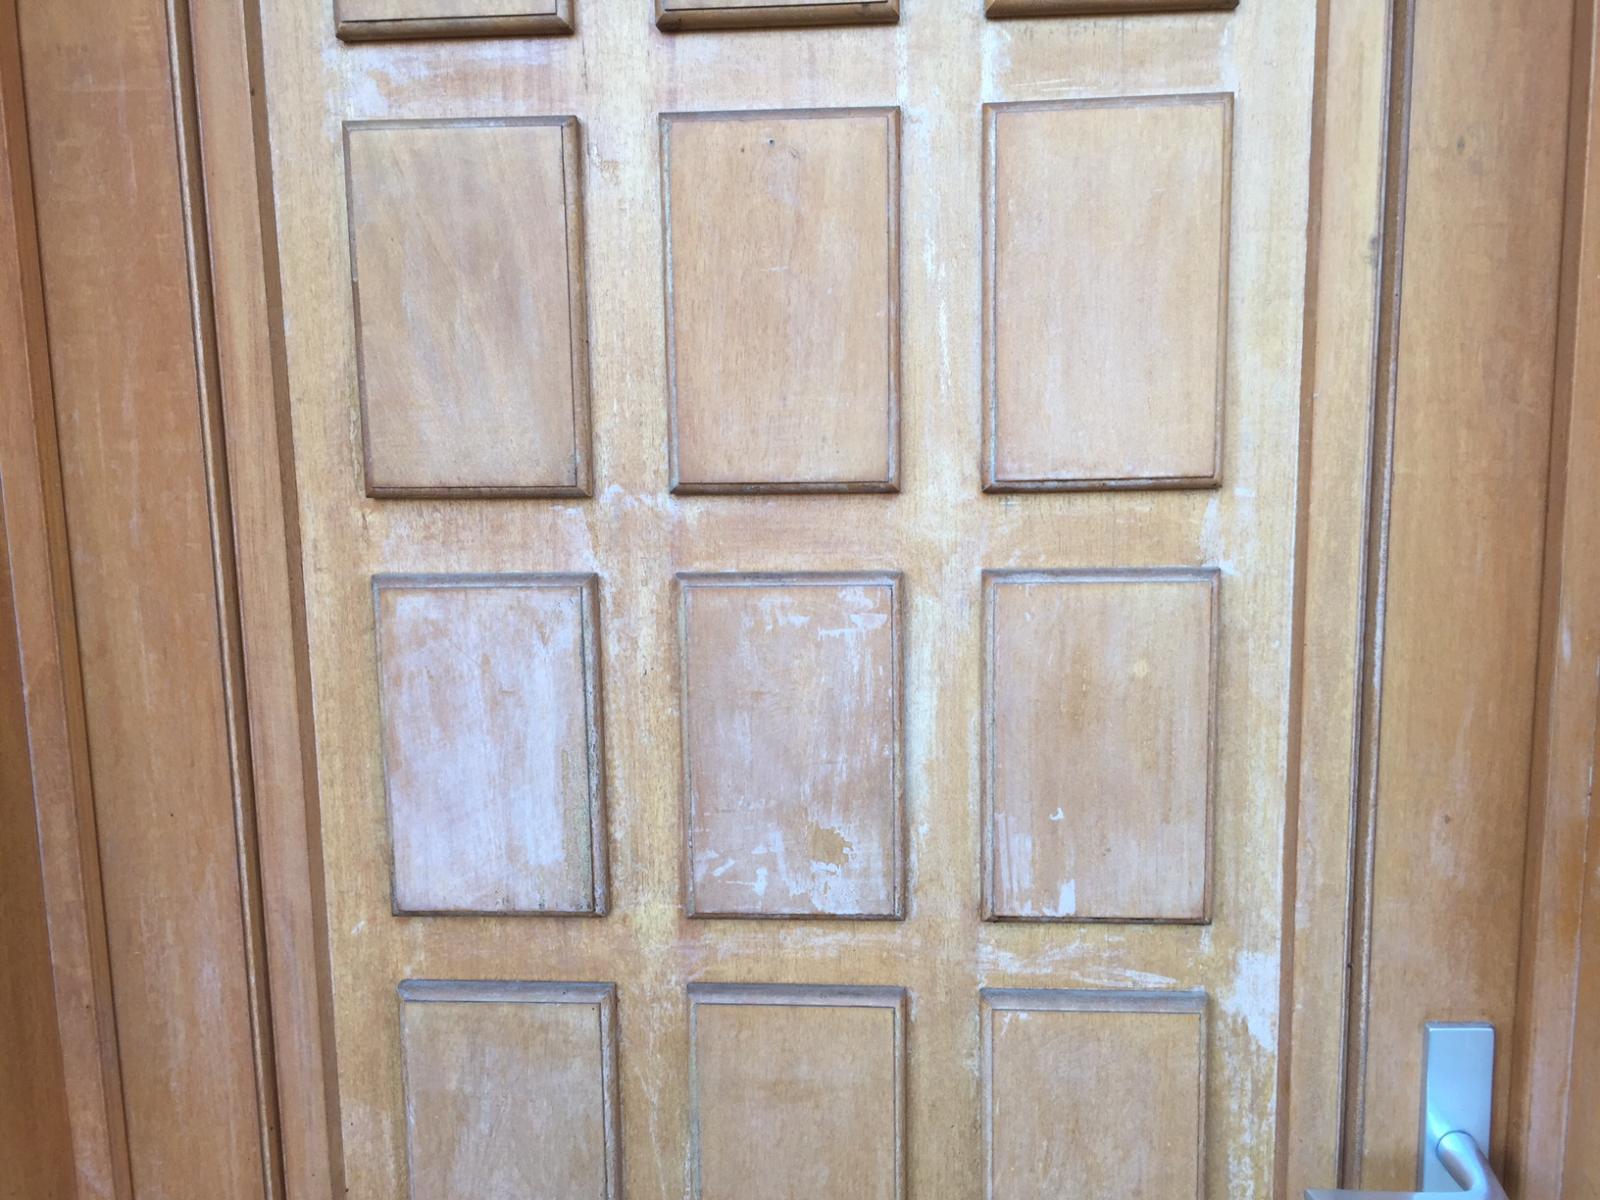 Repeindre ou revernir une porte d 39 entr e en bois - Repeindre une porte d entree en bois ...